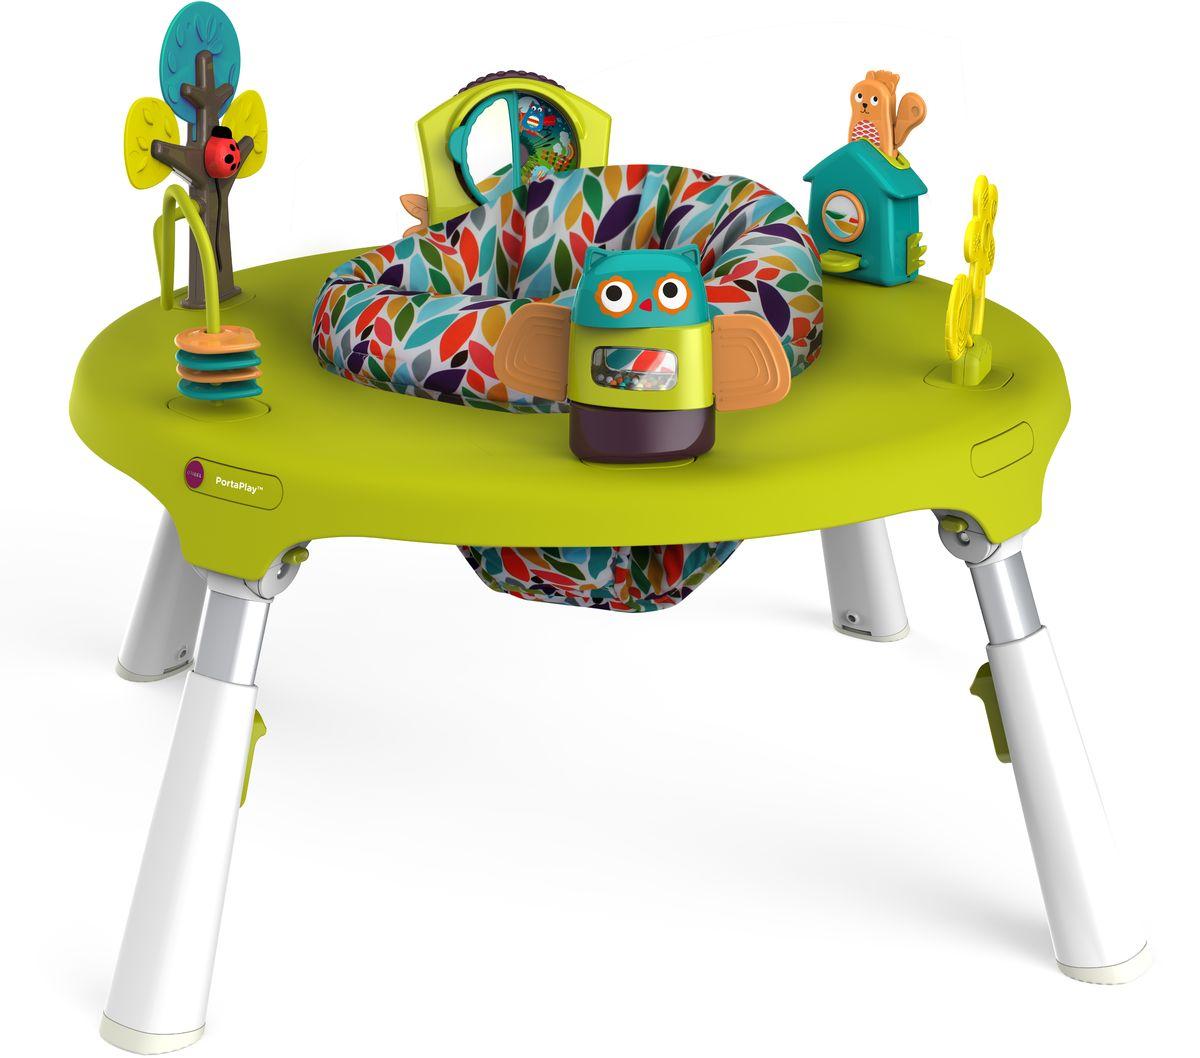 Oribel Развивающий центр-трансформерCY303-90001-INT-RPortaPlay - развивающий центр-трансформер для детей от 5 месяцев до 5 лет. В комплектации для младших возрастов центр имеет упругое сиденье с мягкими бортиками в центре и развивающие игрушки по краям. Столик регулируется по высоте и имеет складные ножки для максимальной экономии места. В дальнейшем центральное сиденье заменяется деревянной столешницей, а вместо игрушек ставятся заглушки. Полностью PortaPlay включает в себя сам стол-трансформер, 2 стульчика и диспенсер для бумаги.